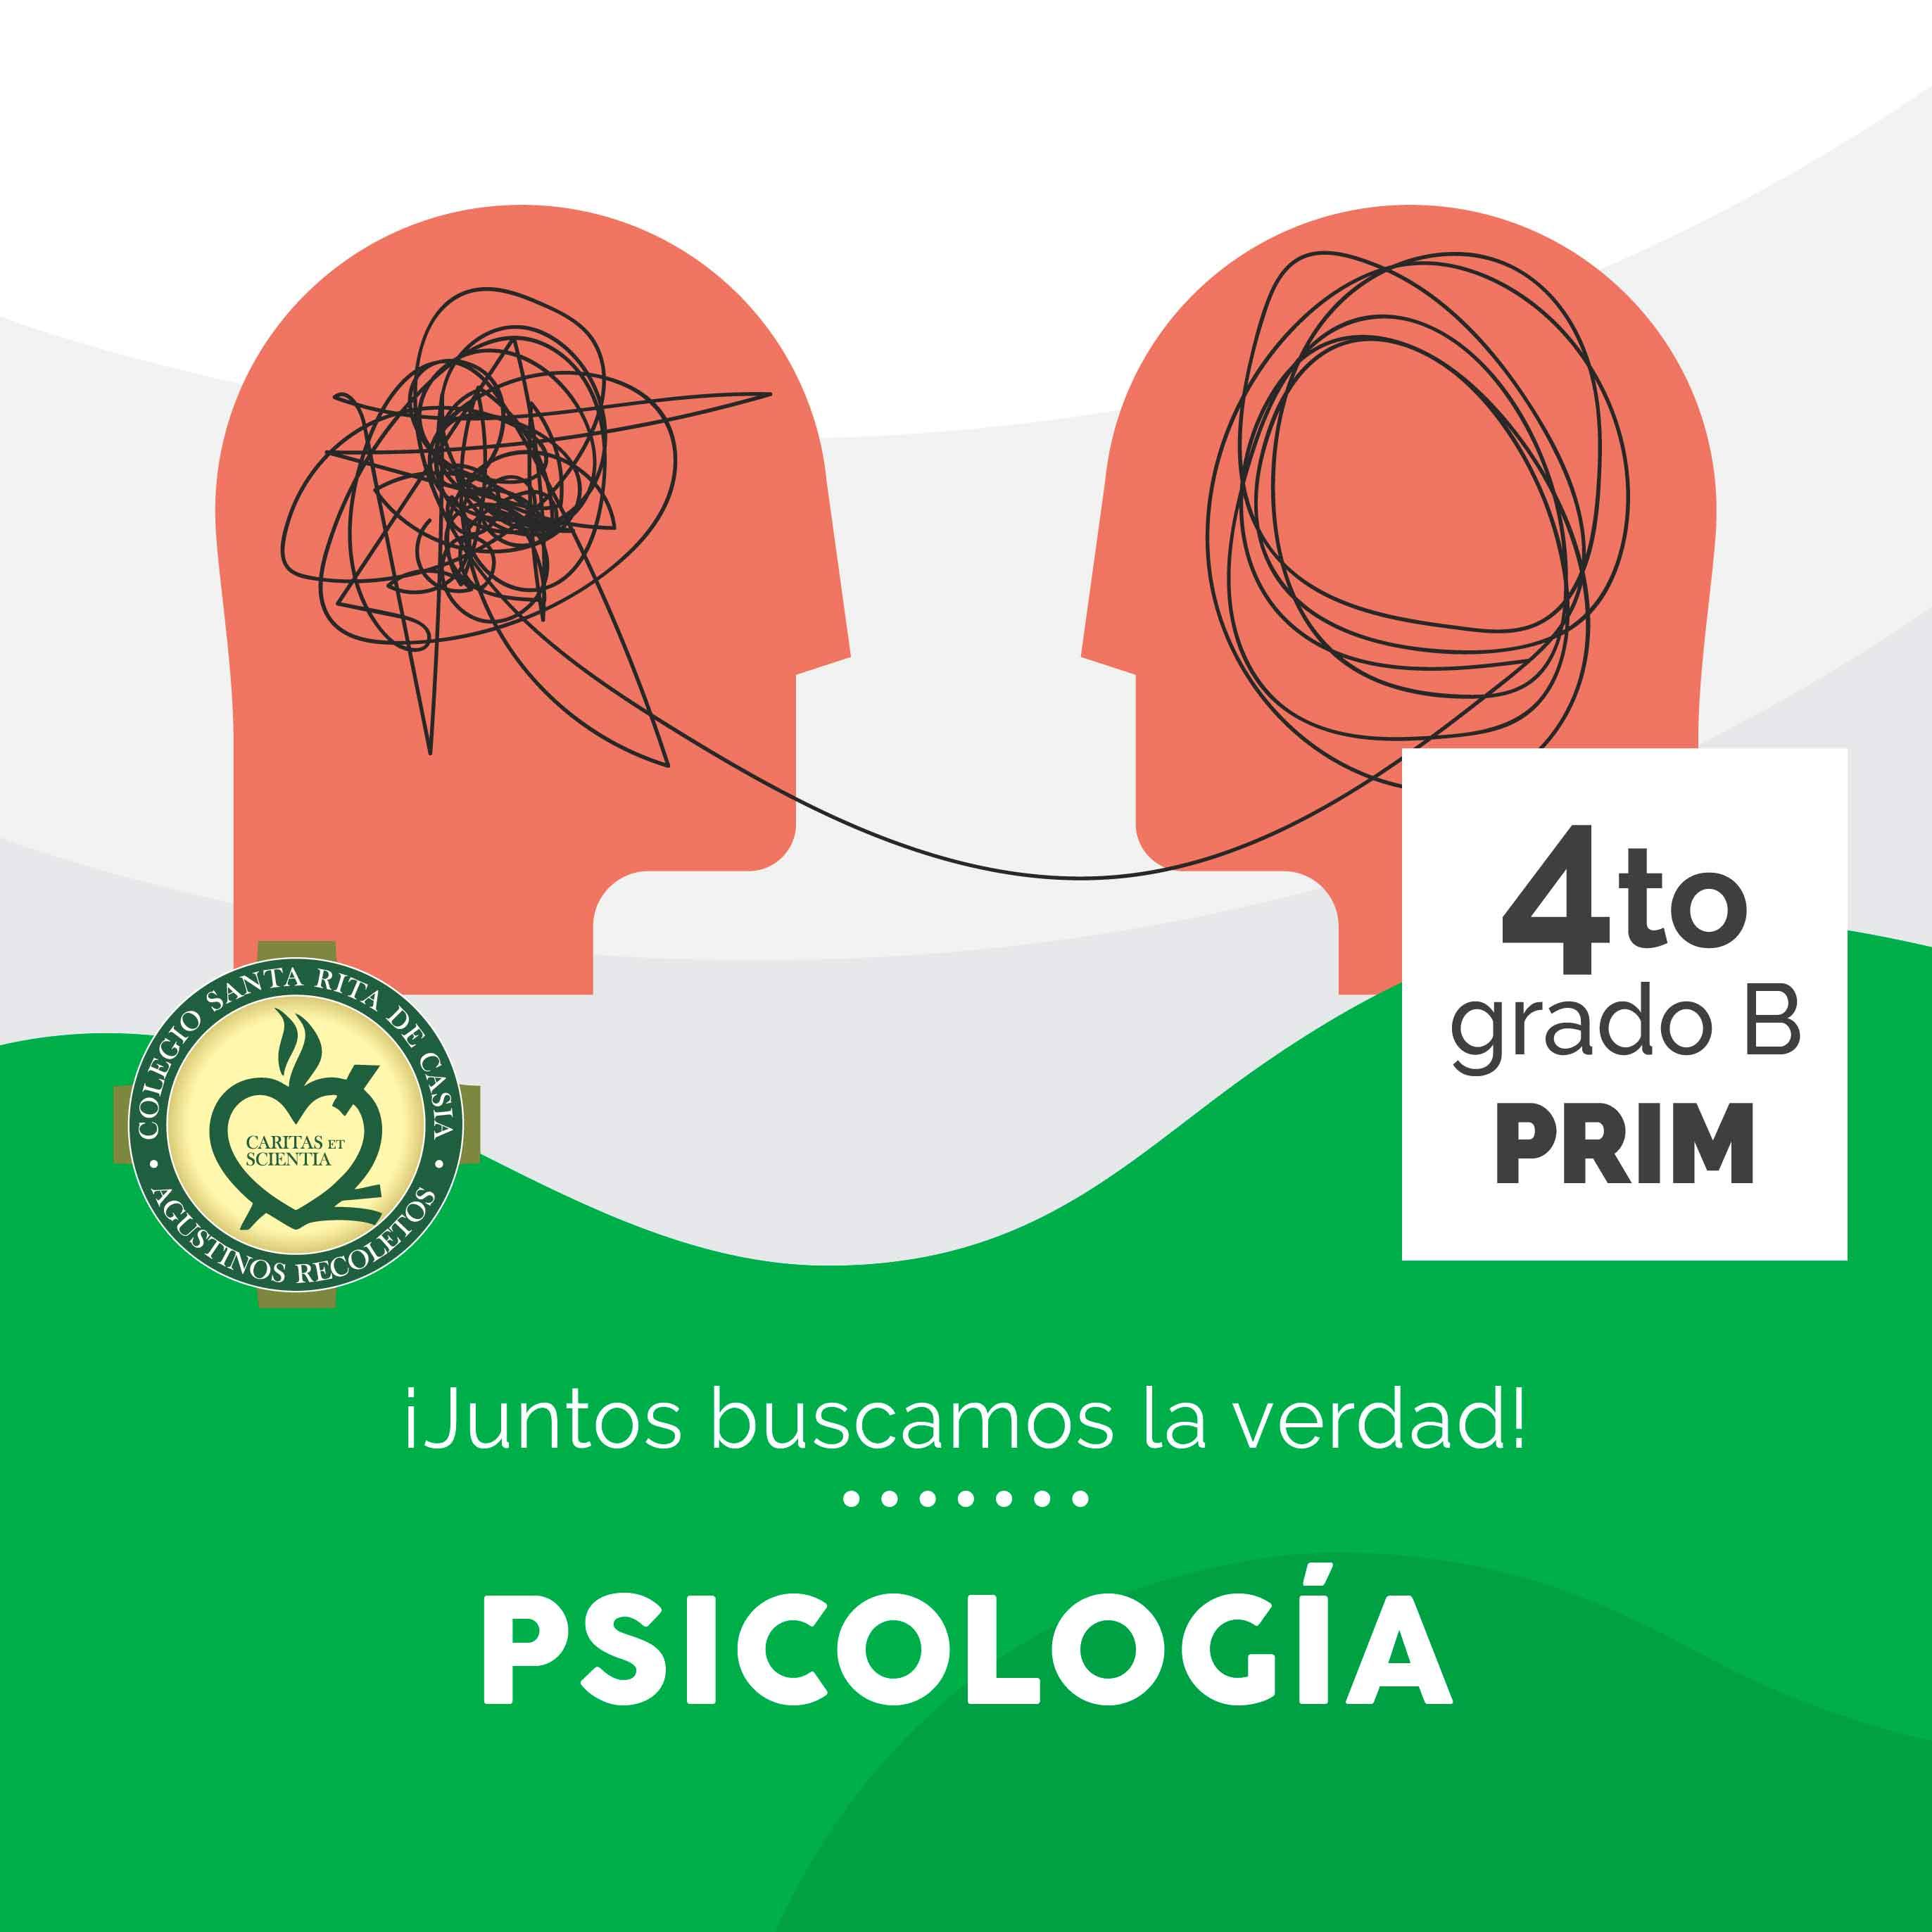 Psicología 4to Grado B